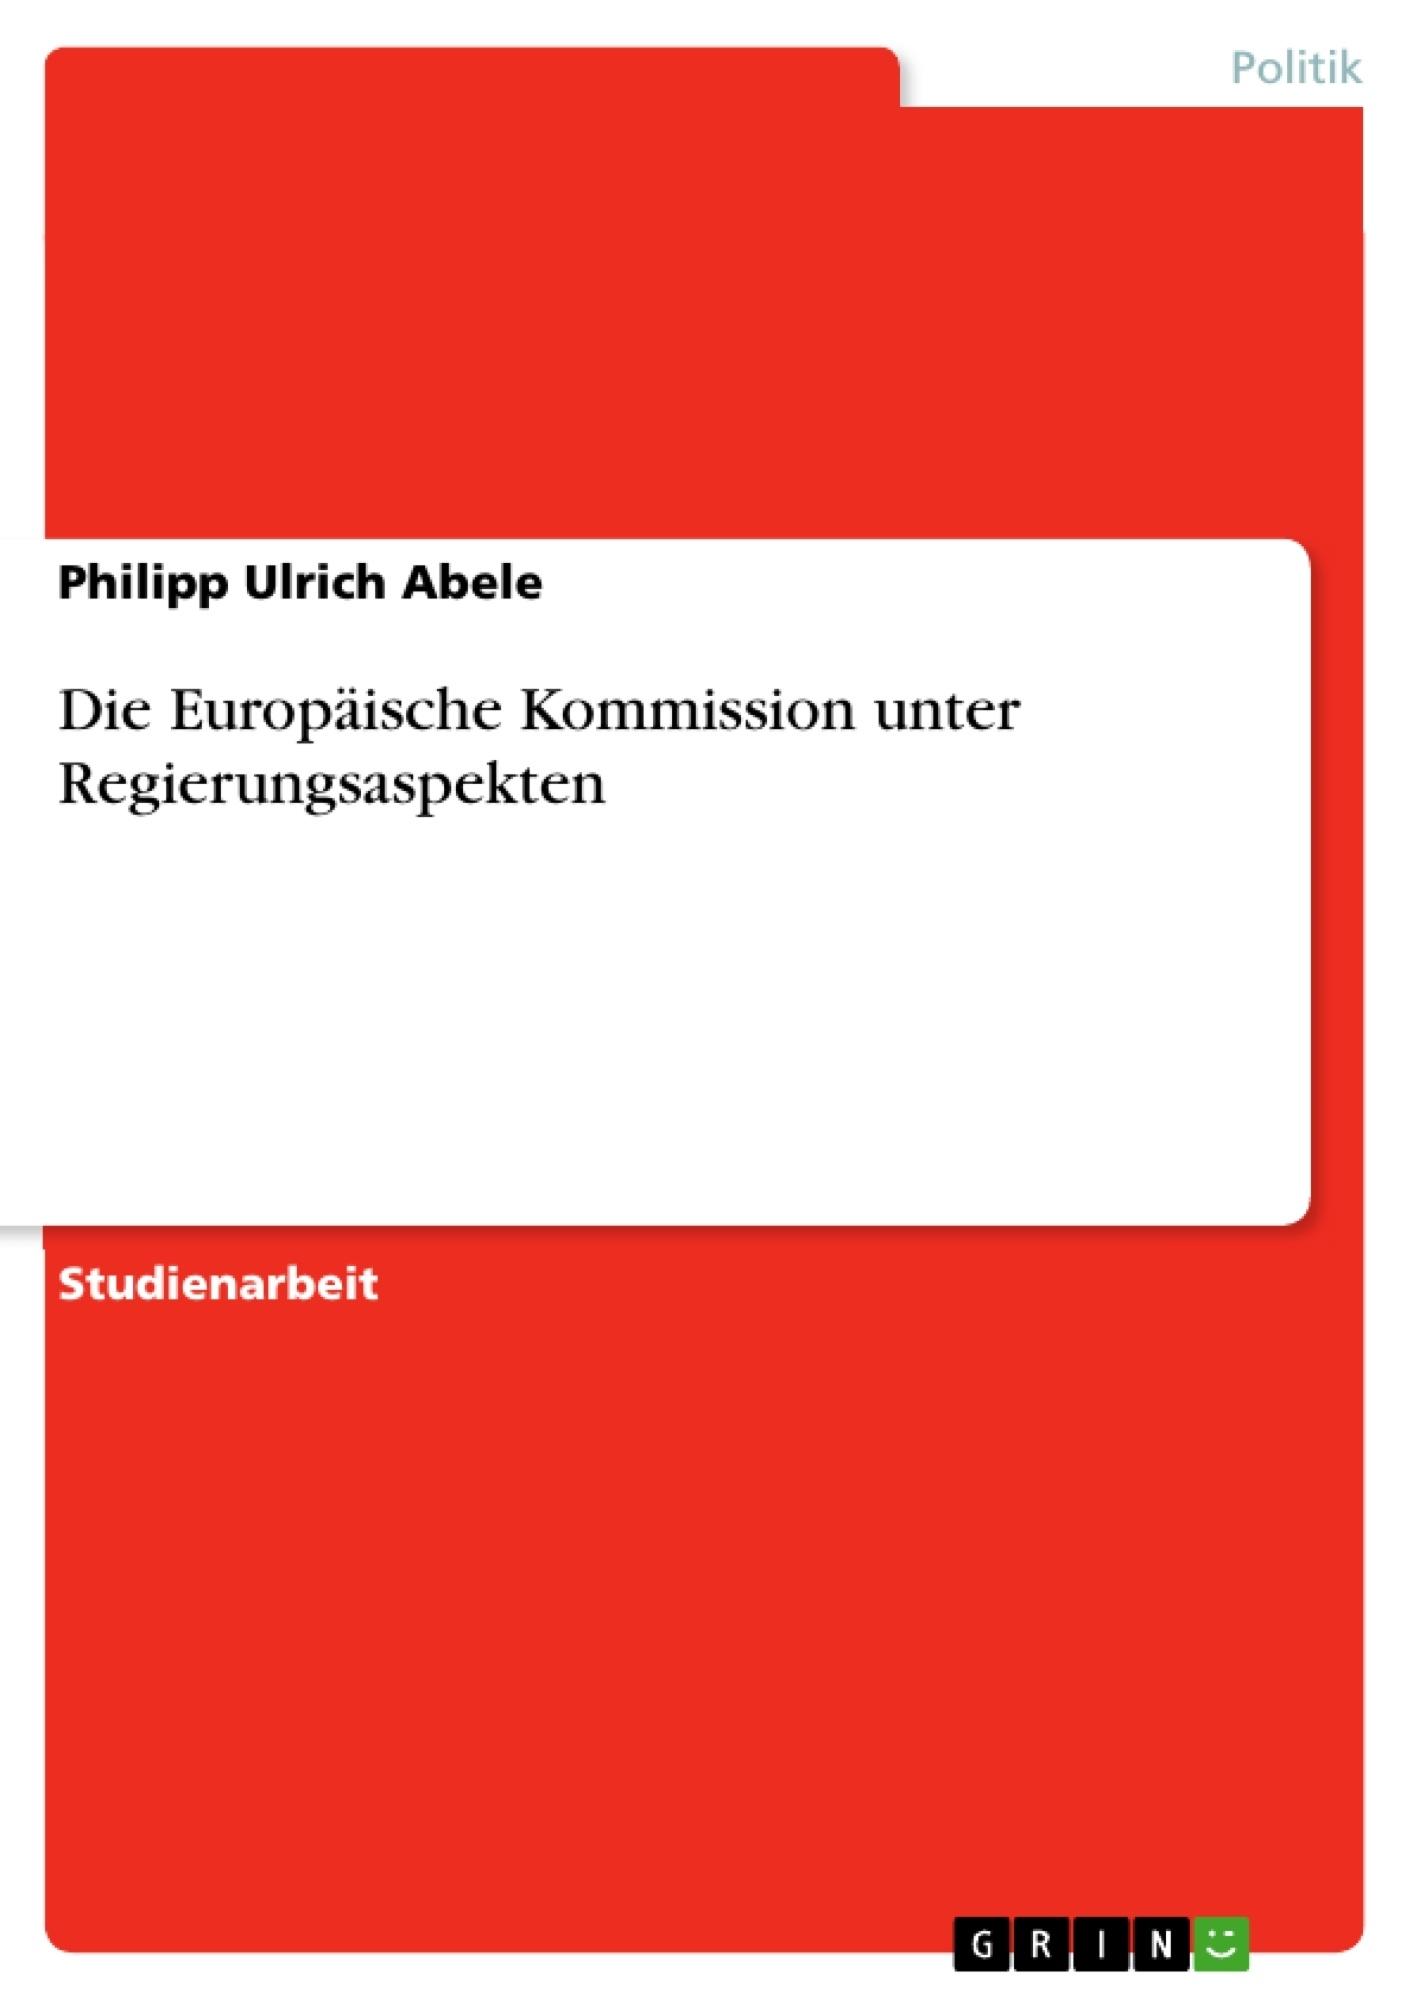 Titel: Die Europäische Kommission unter Regierungsaspekten